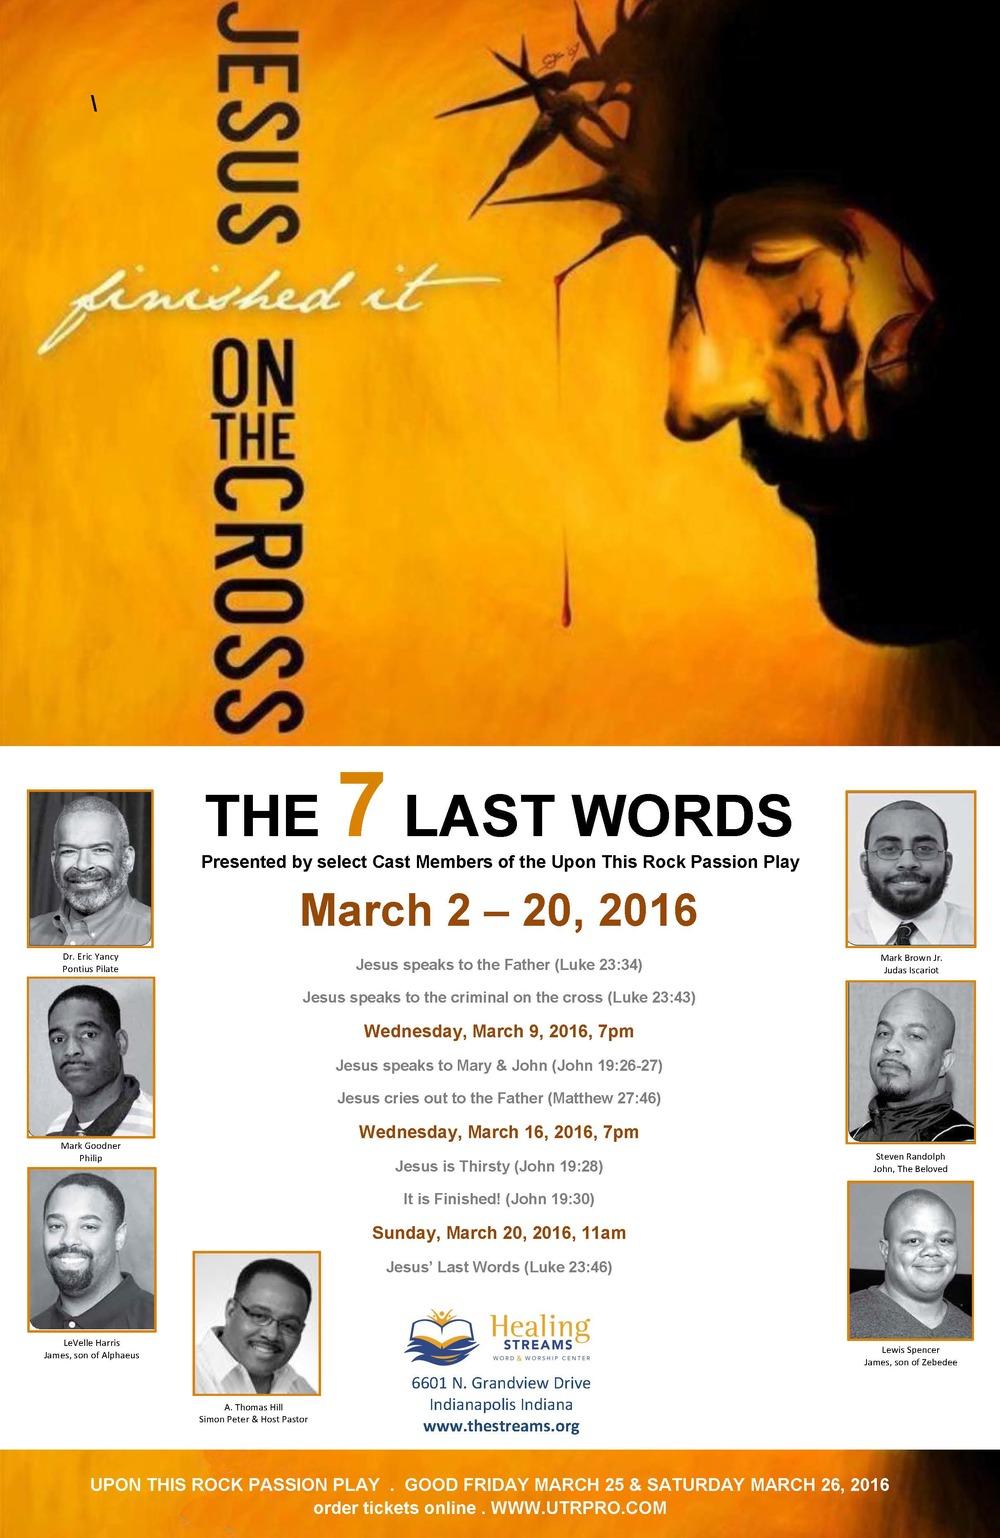 7 last words poster 2016 2.14.16.jpg